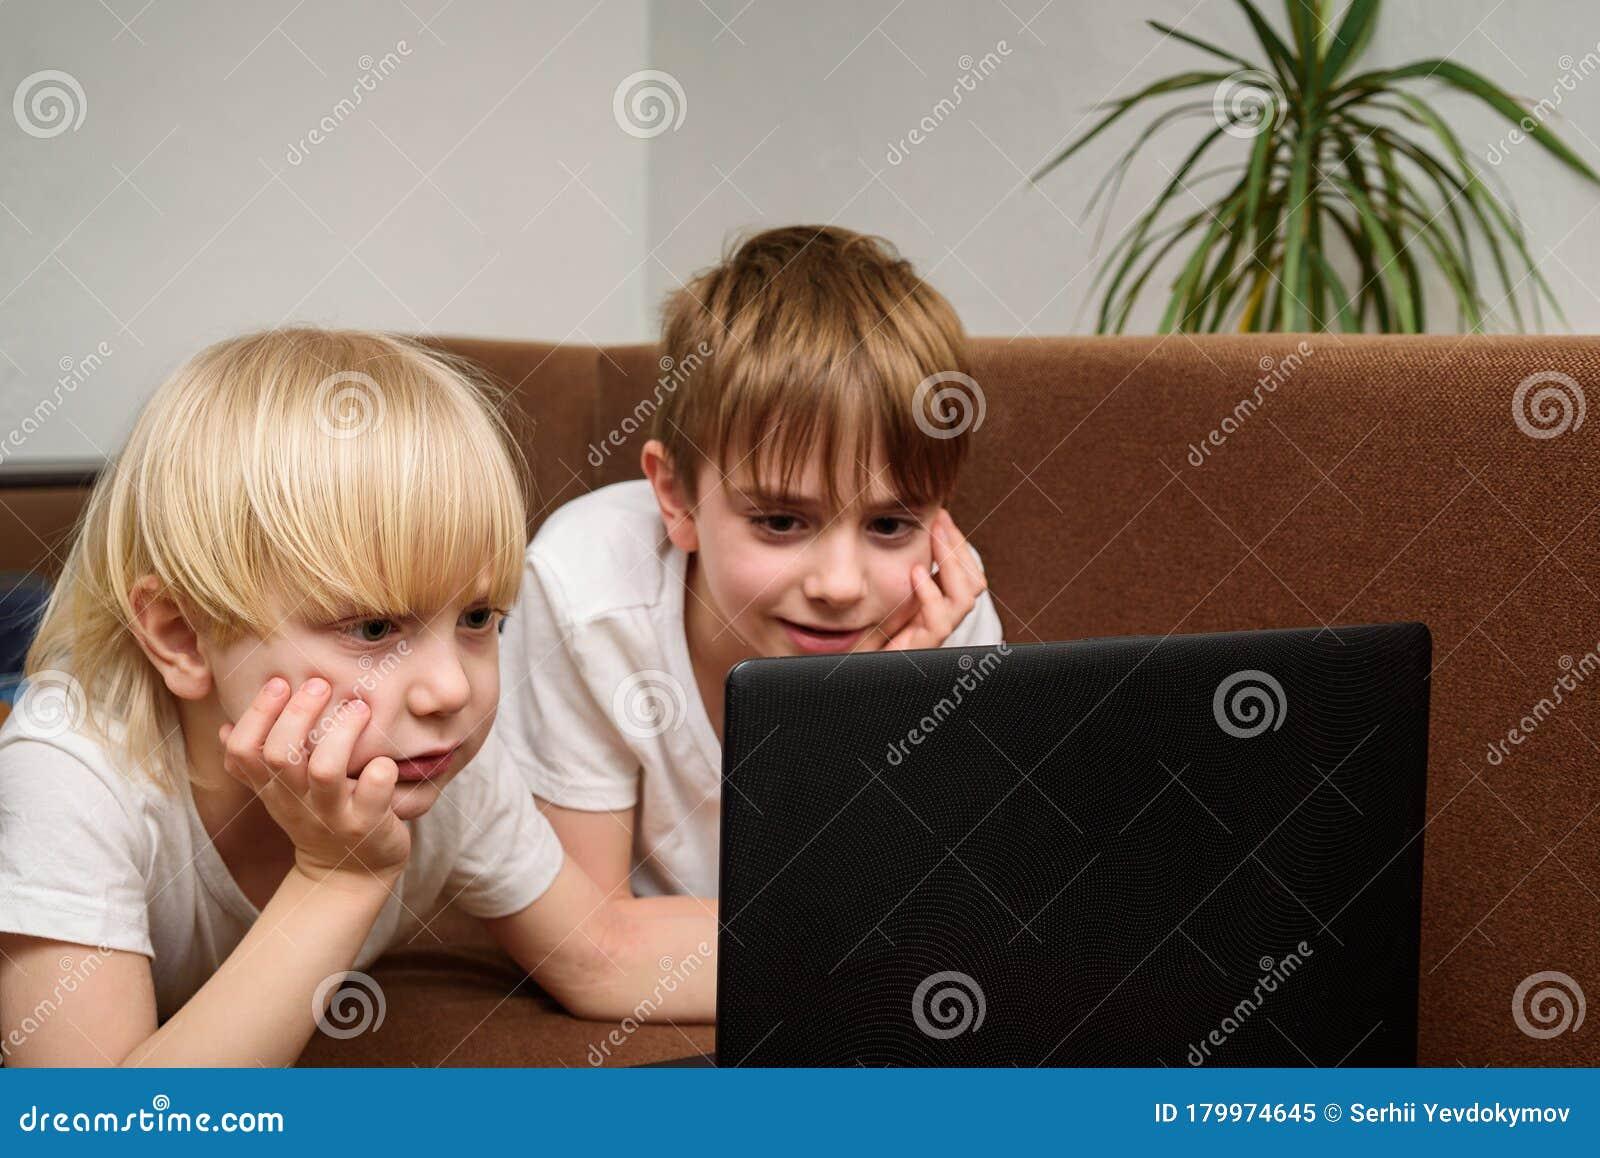 Tv Auf Laptop Schauen